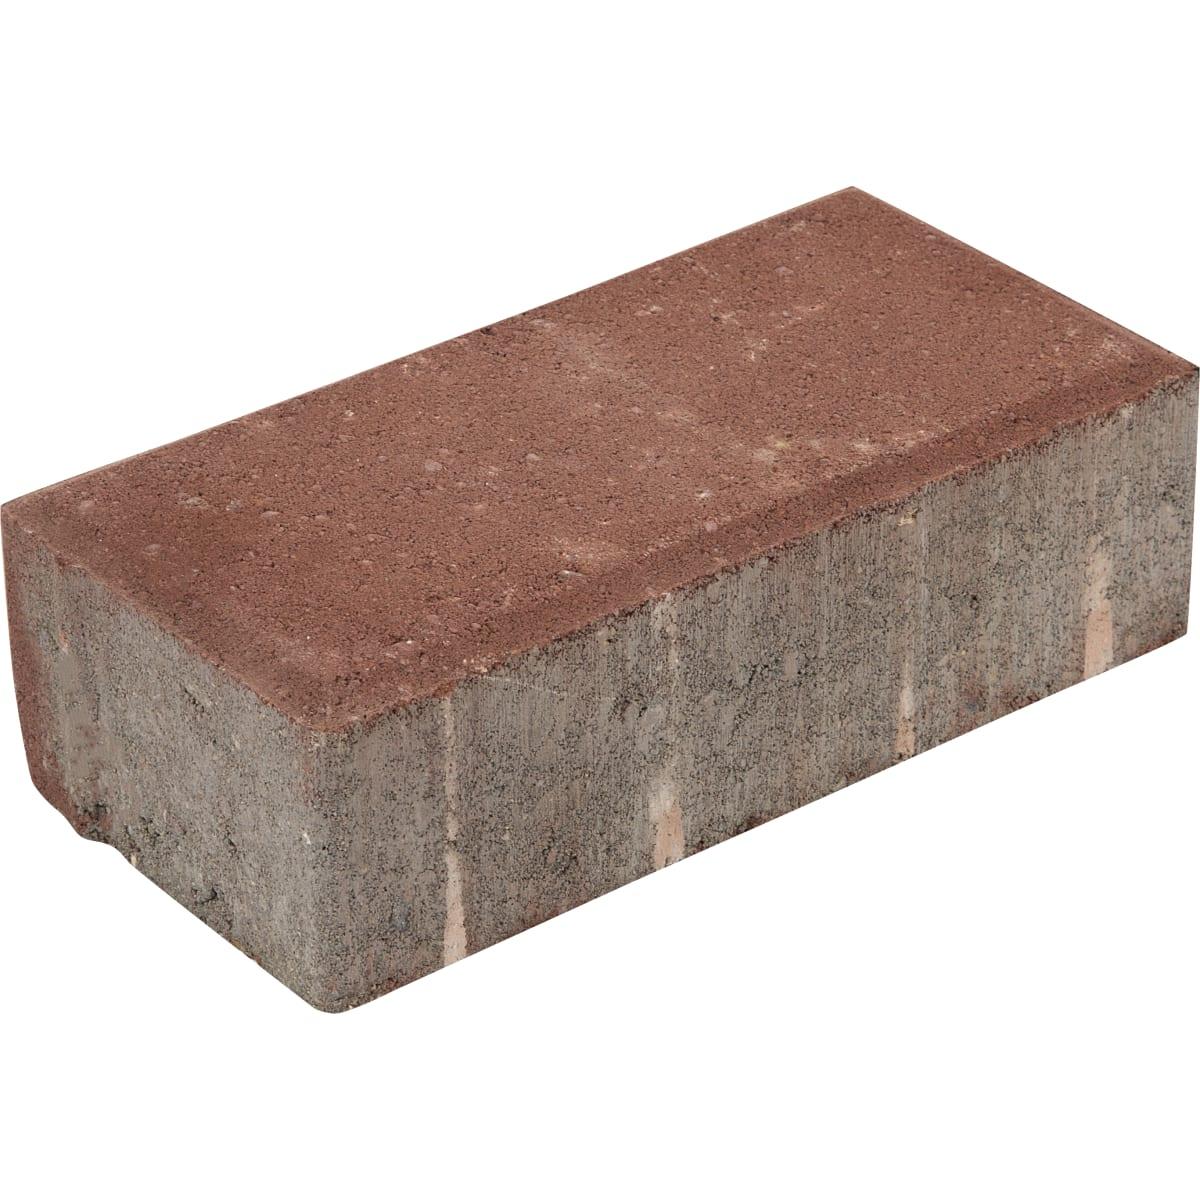 Плитка тротуарная двухслойная Braer 200х100x40 мм цвет красный